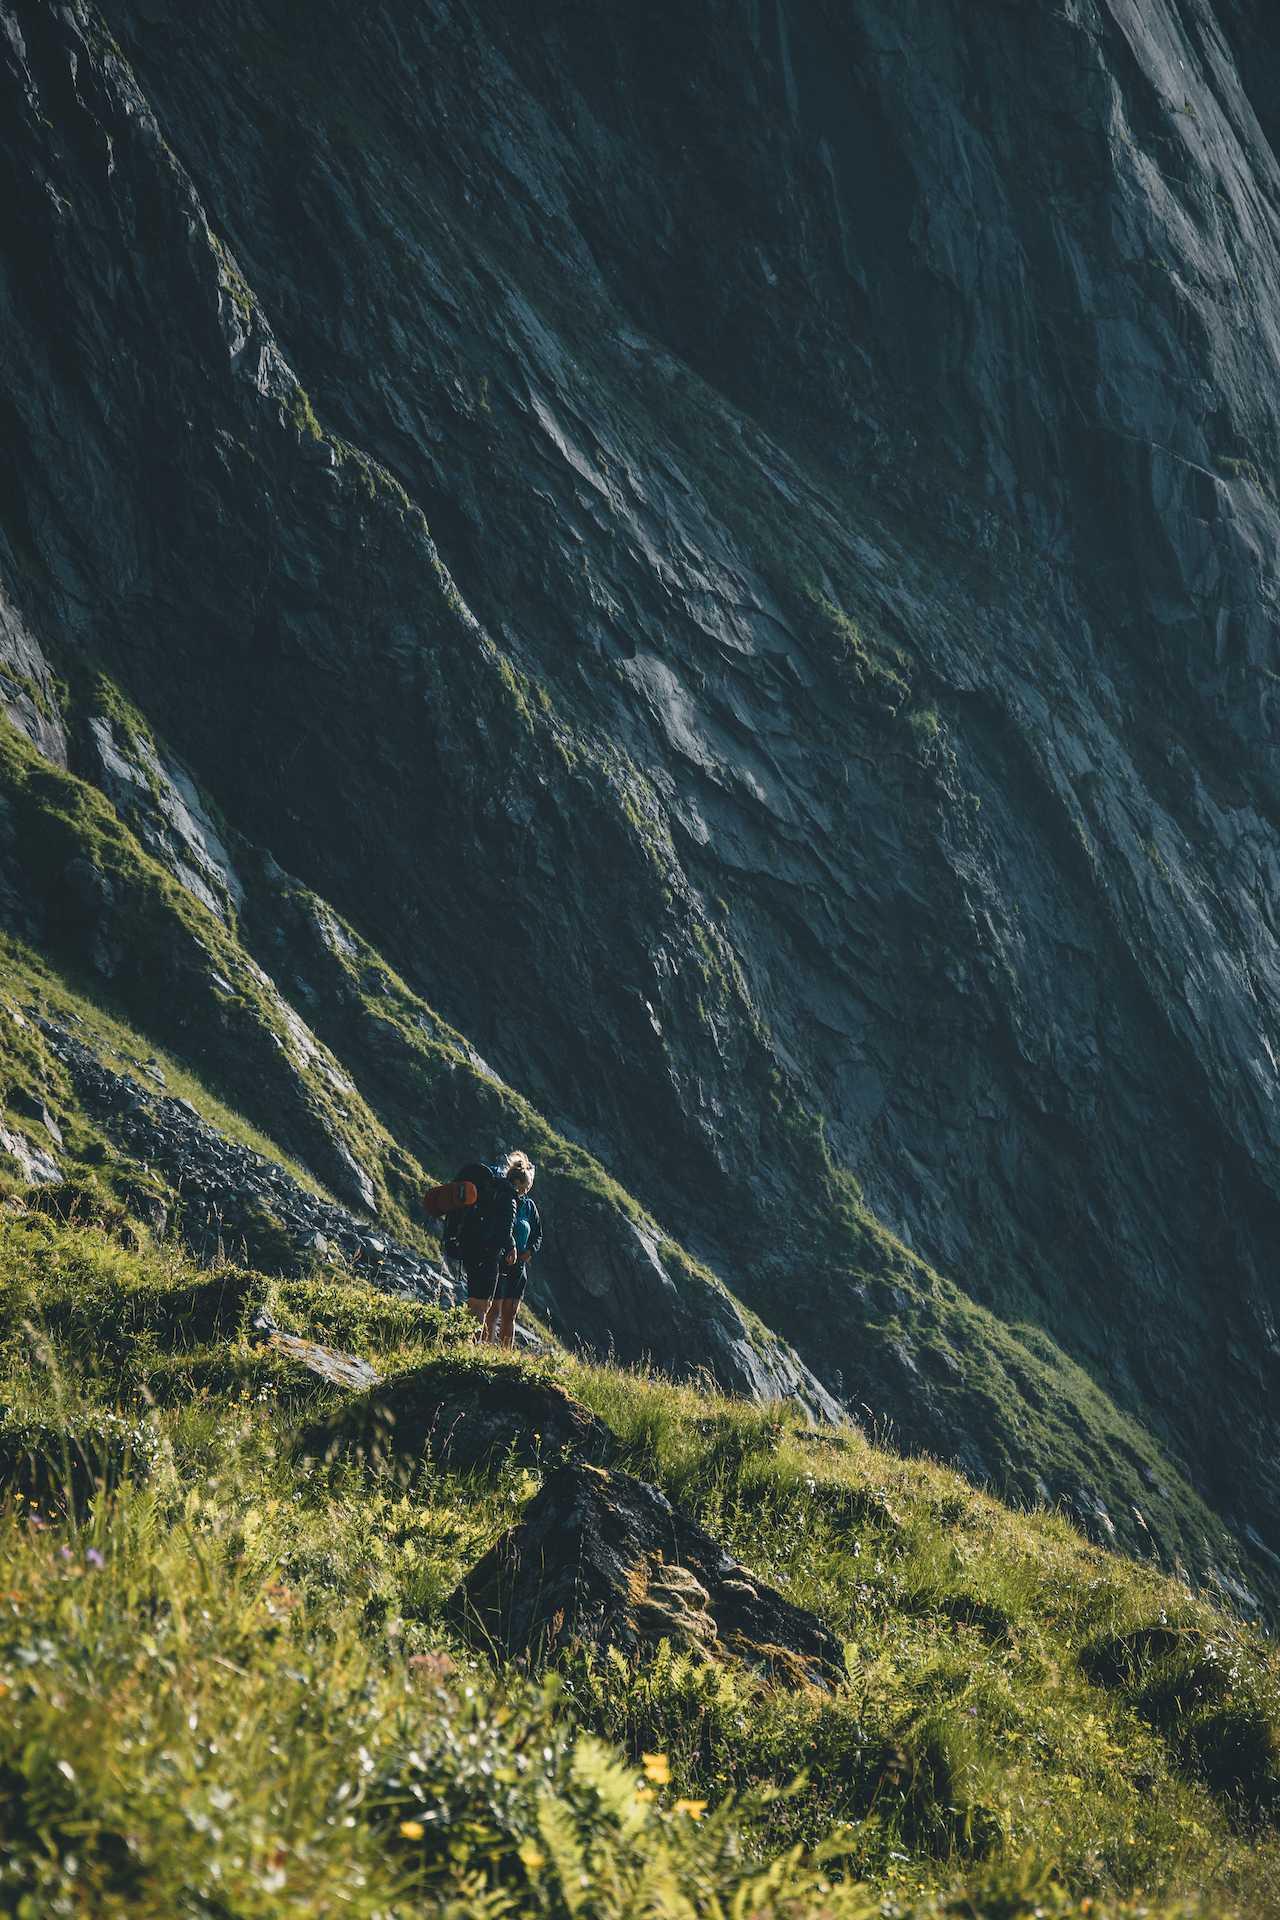 Kvalvika trekking